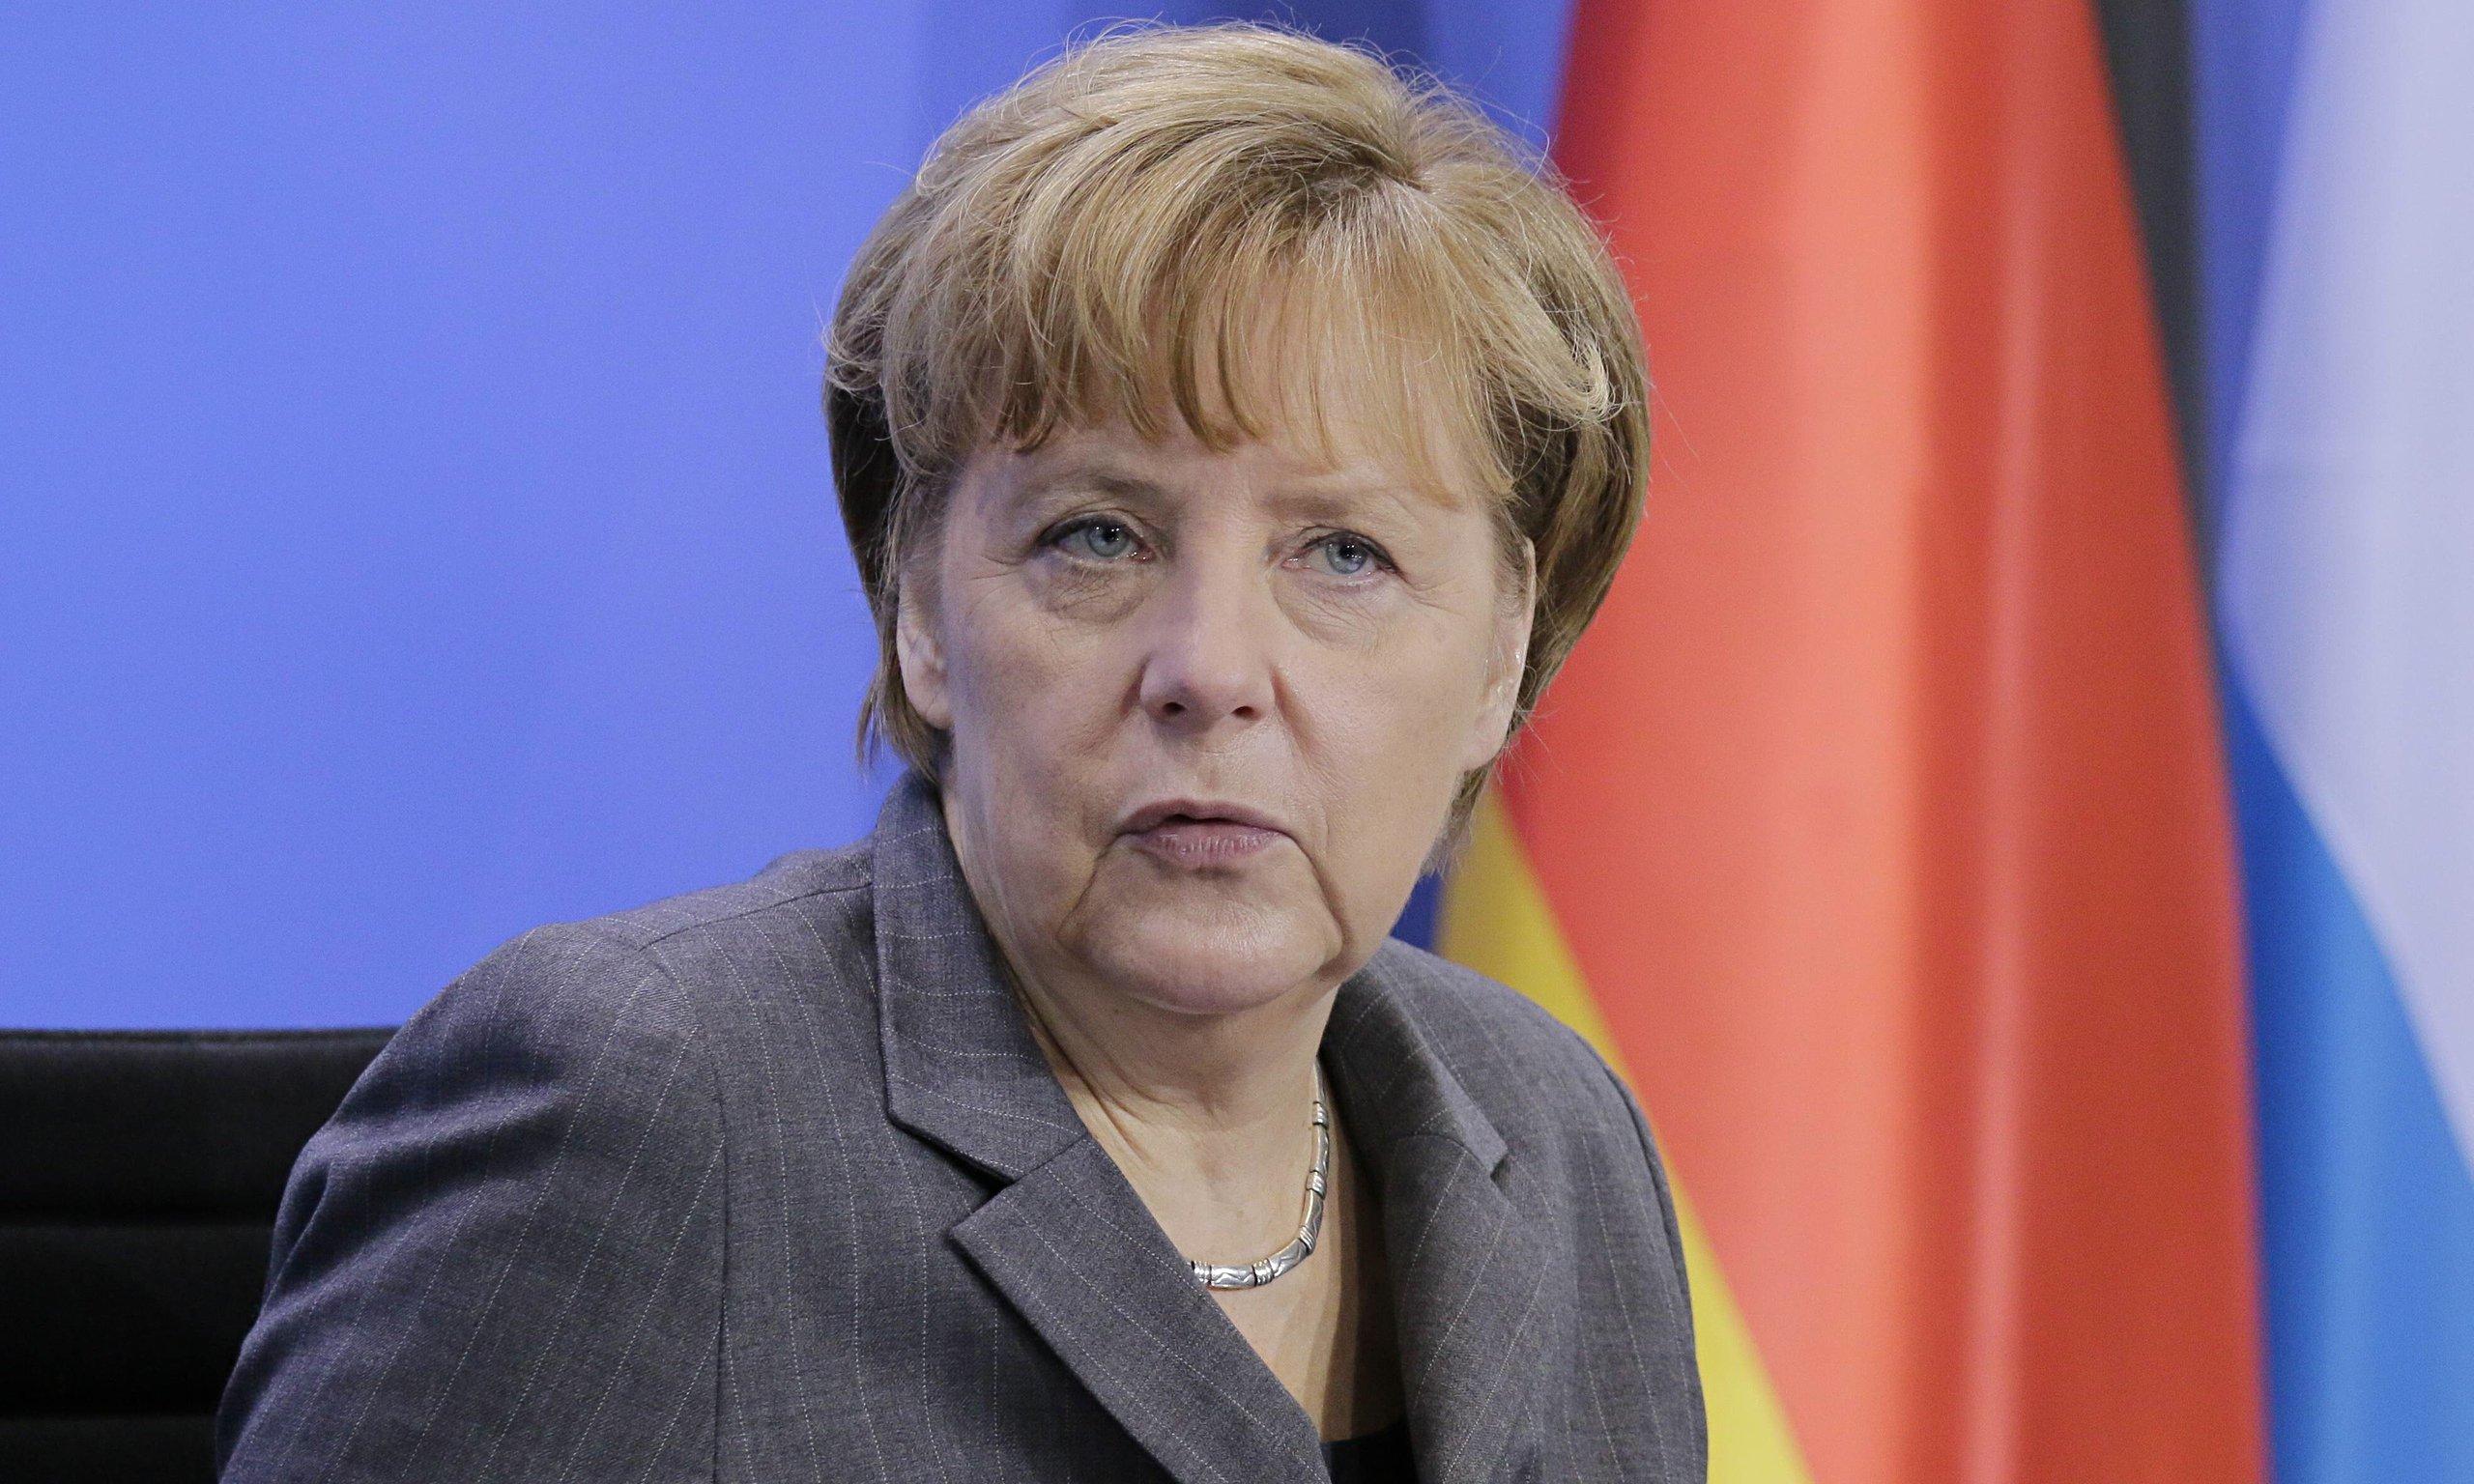 ميركل تؤدي اليوم اليمين لولاية رابعة في حكم ألمانيا